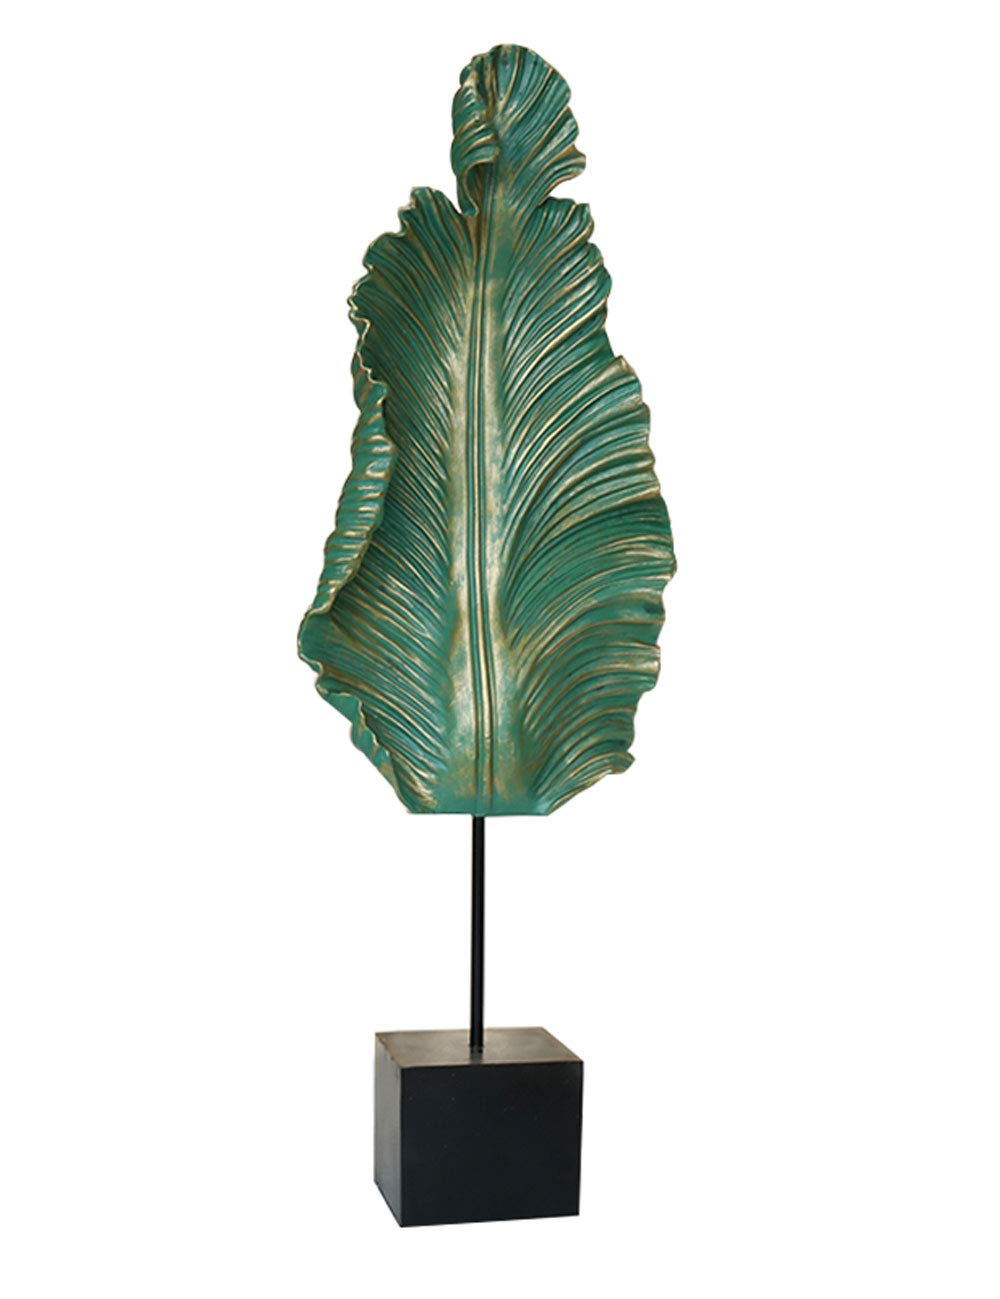 ヨーロッパのレトロなバナナの葉の装飾家の居間テレビの内閣のオフィスの装飾の表示幸運の工芸品 (サイズ さいず : 02) 2  B07HB18RJF